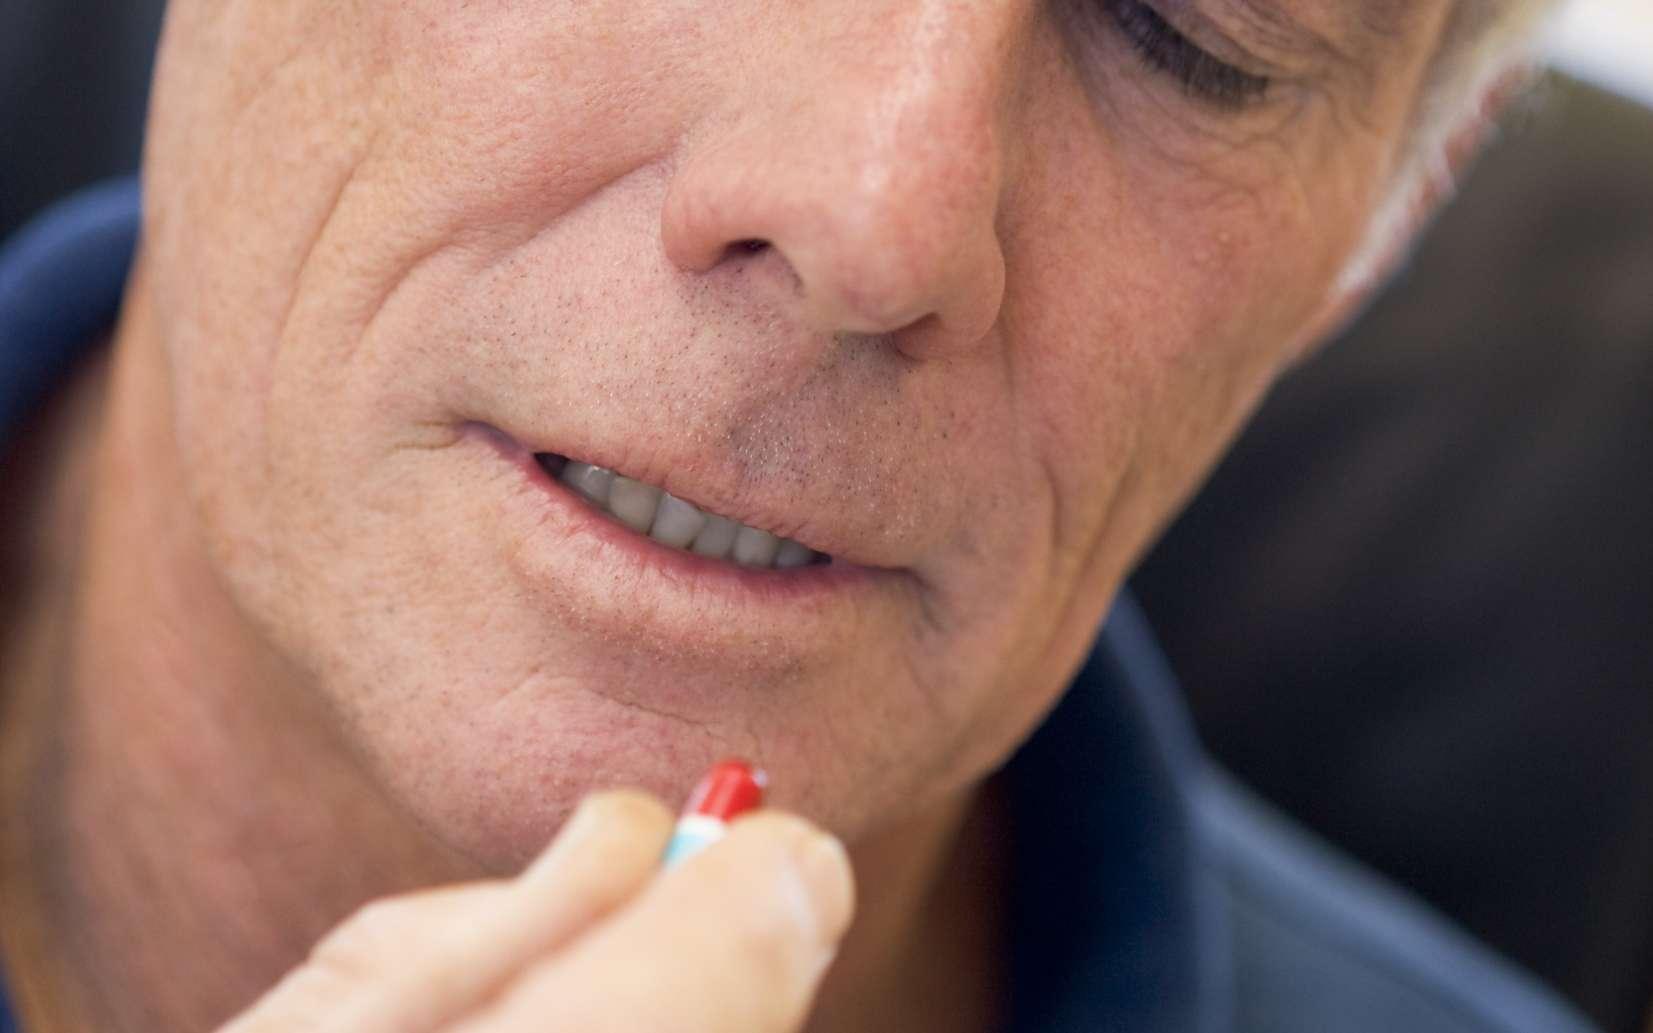 Des conduites addictives ont été observées après l'administration d'agonistes de la dopamine. © Phovoir